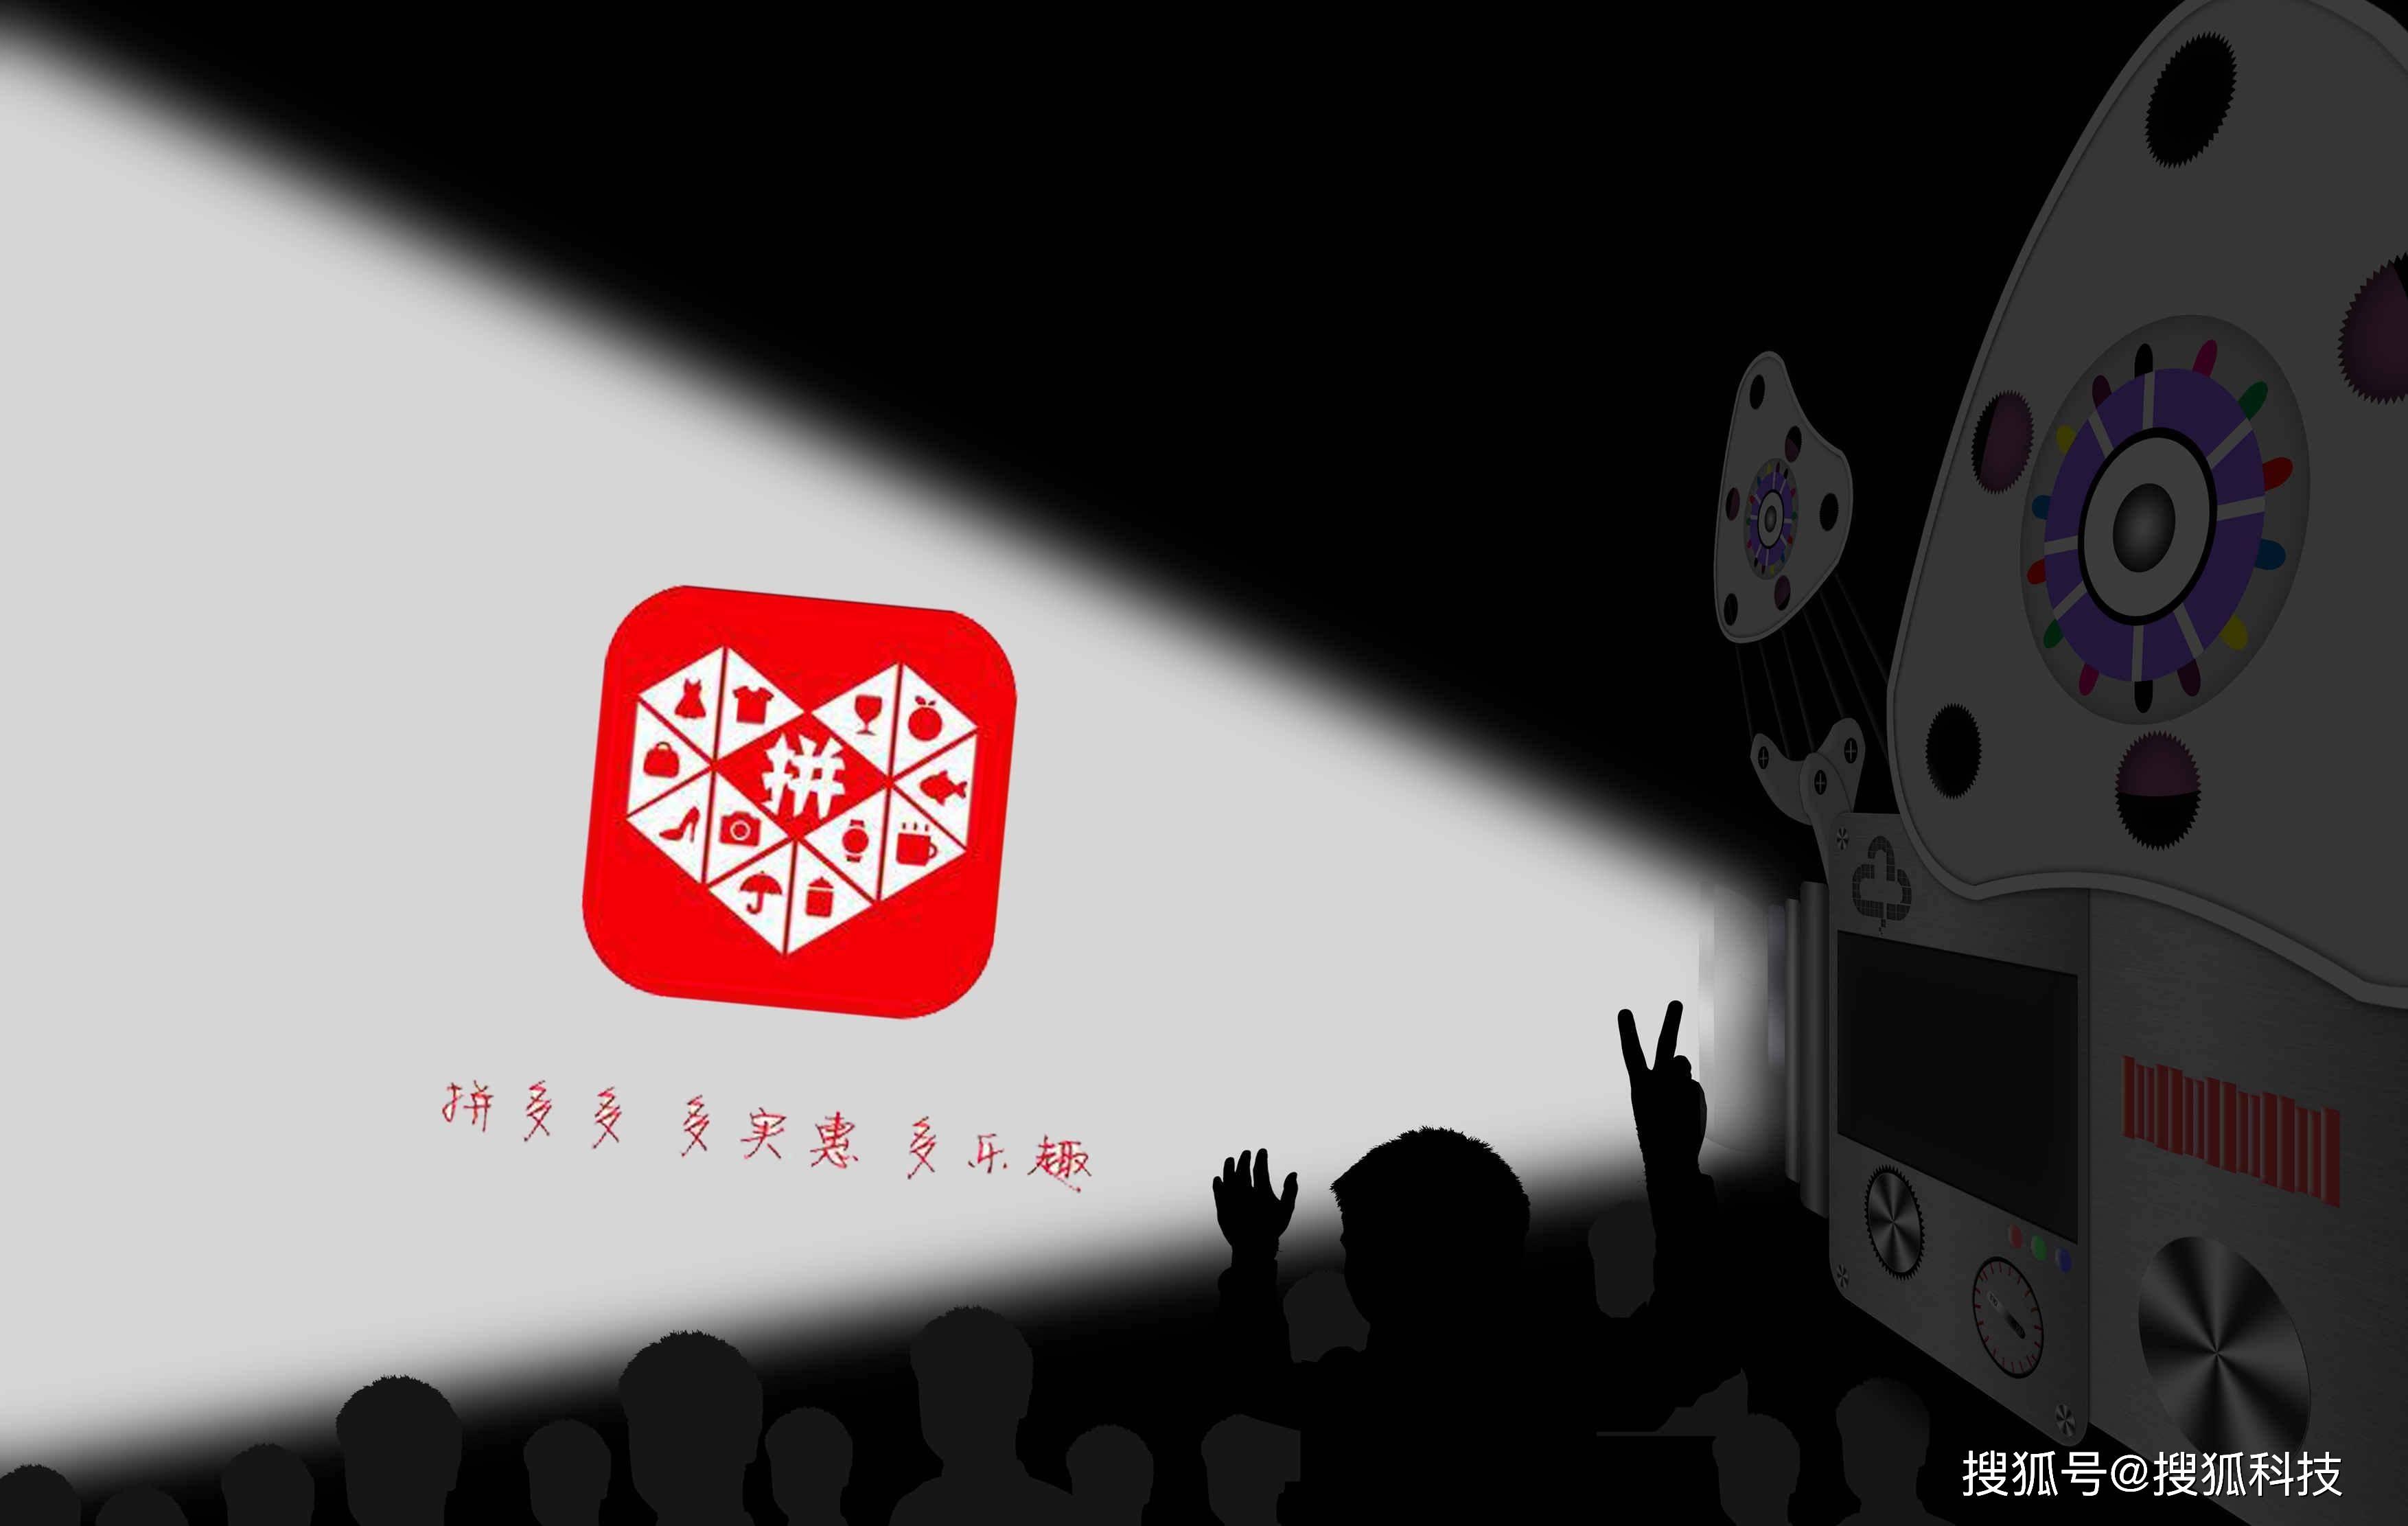 天顺平台总代-首页【1.1.5】  第1张